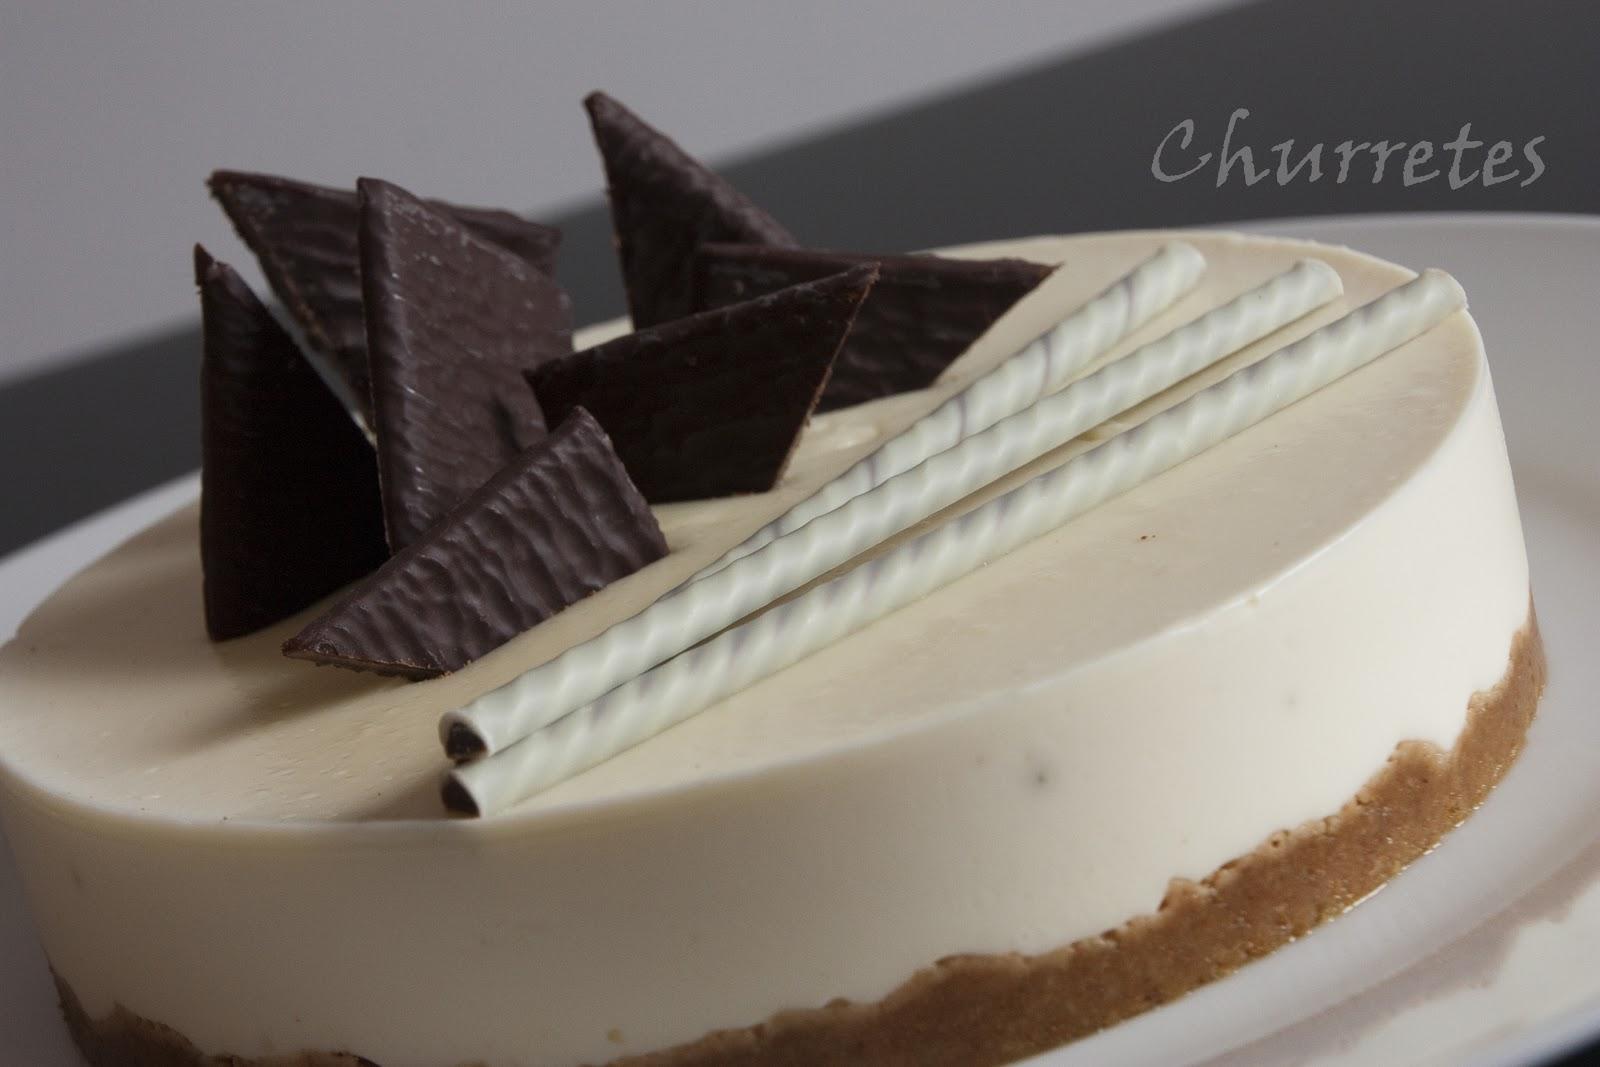 Baño Chocolate Blanco Para Tartas:Churretes de Cocholate: TARTA DE COCHOLATE BLANCO